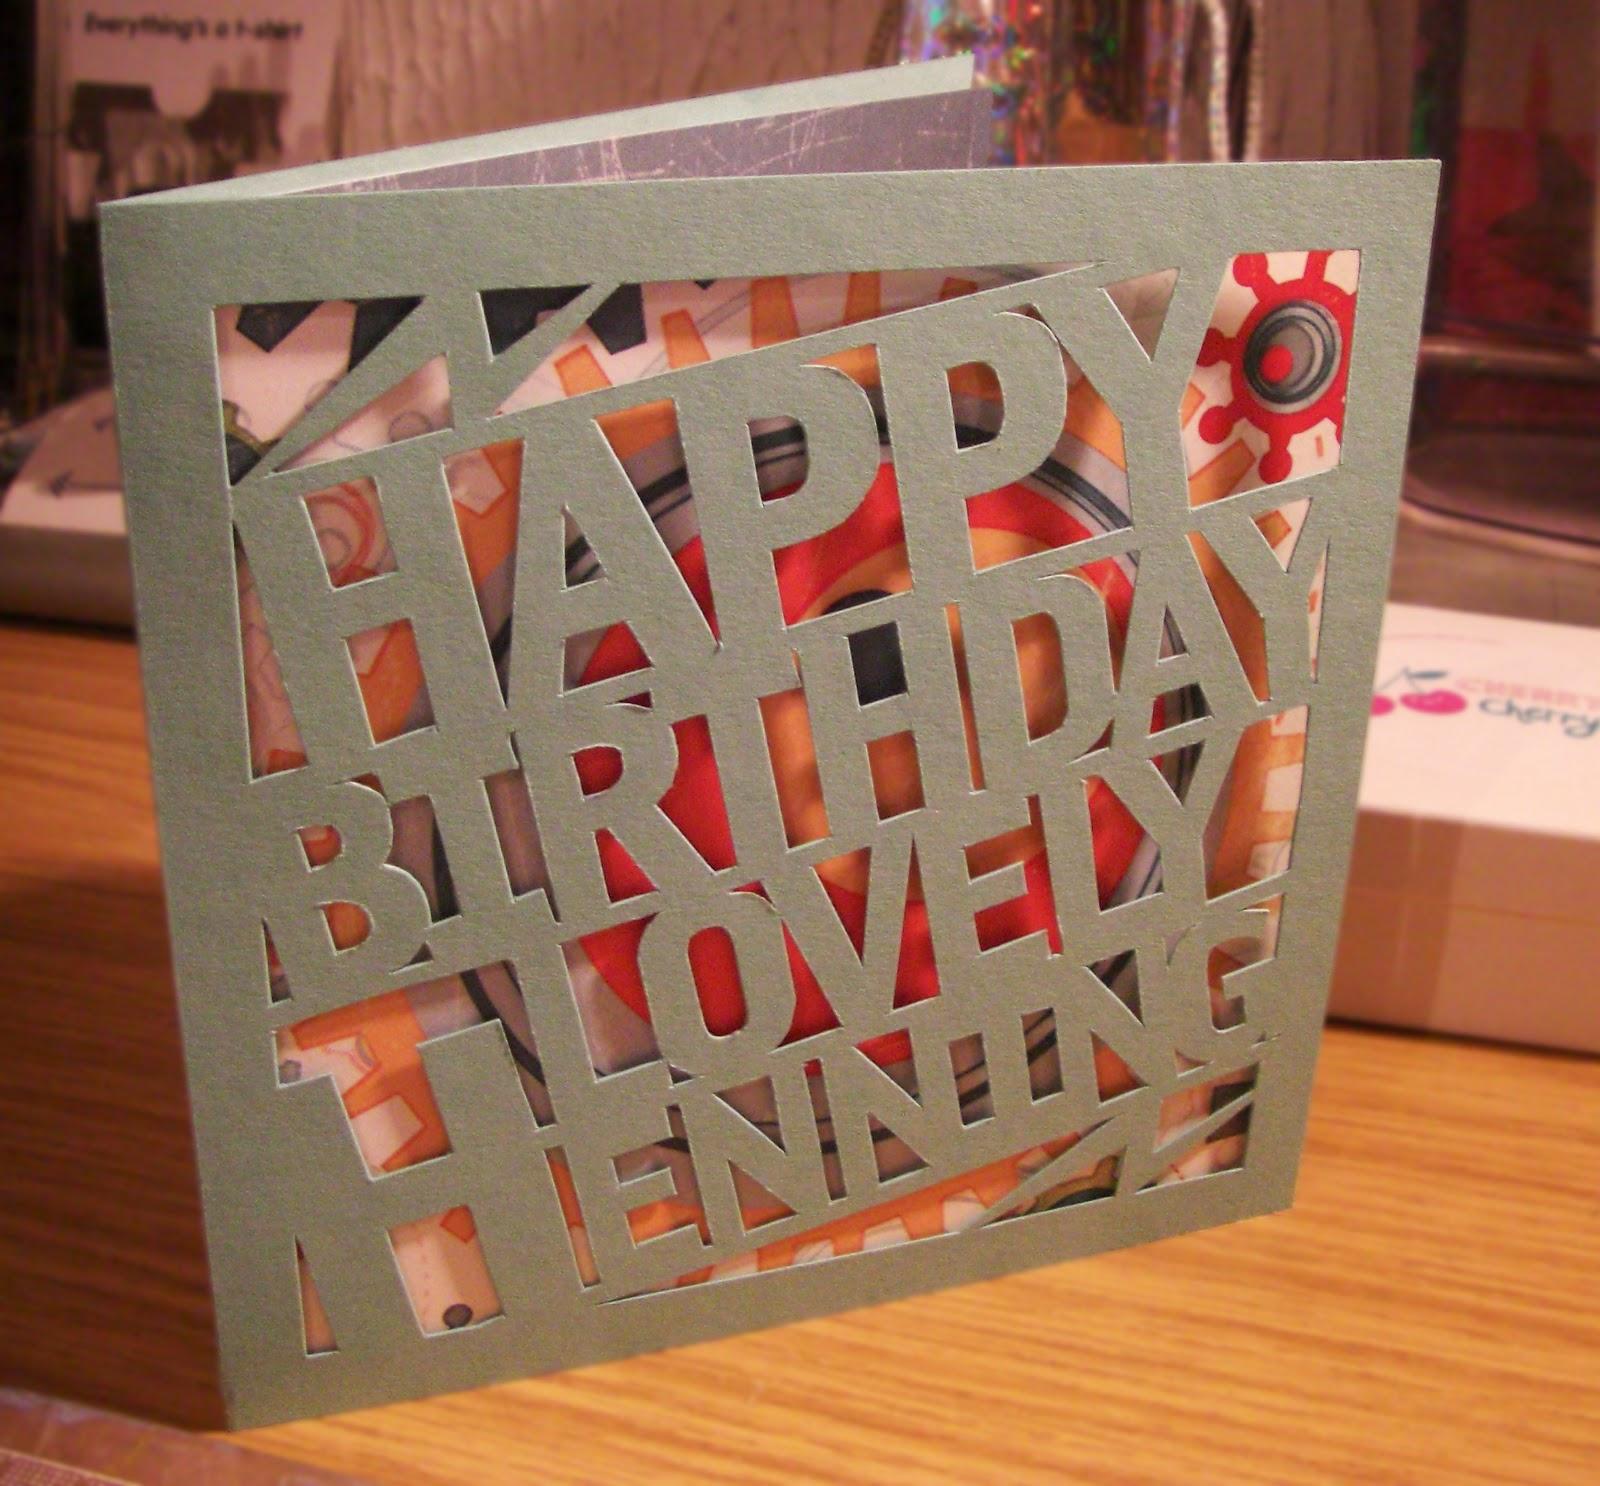 Unique Gifts Ideas Happy Birthday切り抜き 【おしゃれ】誰かに送りたくなるカード集【可愛い】 Naver まとめ